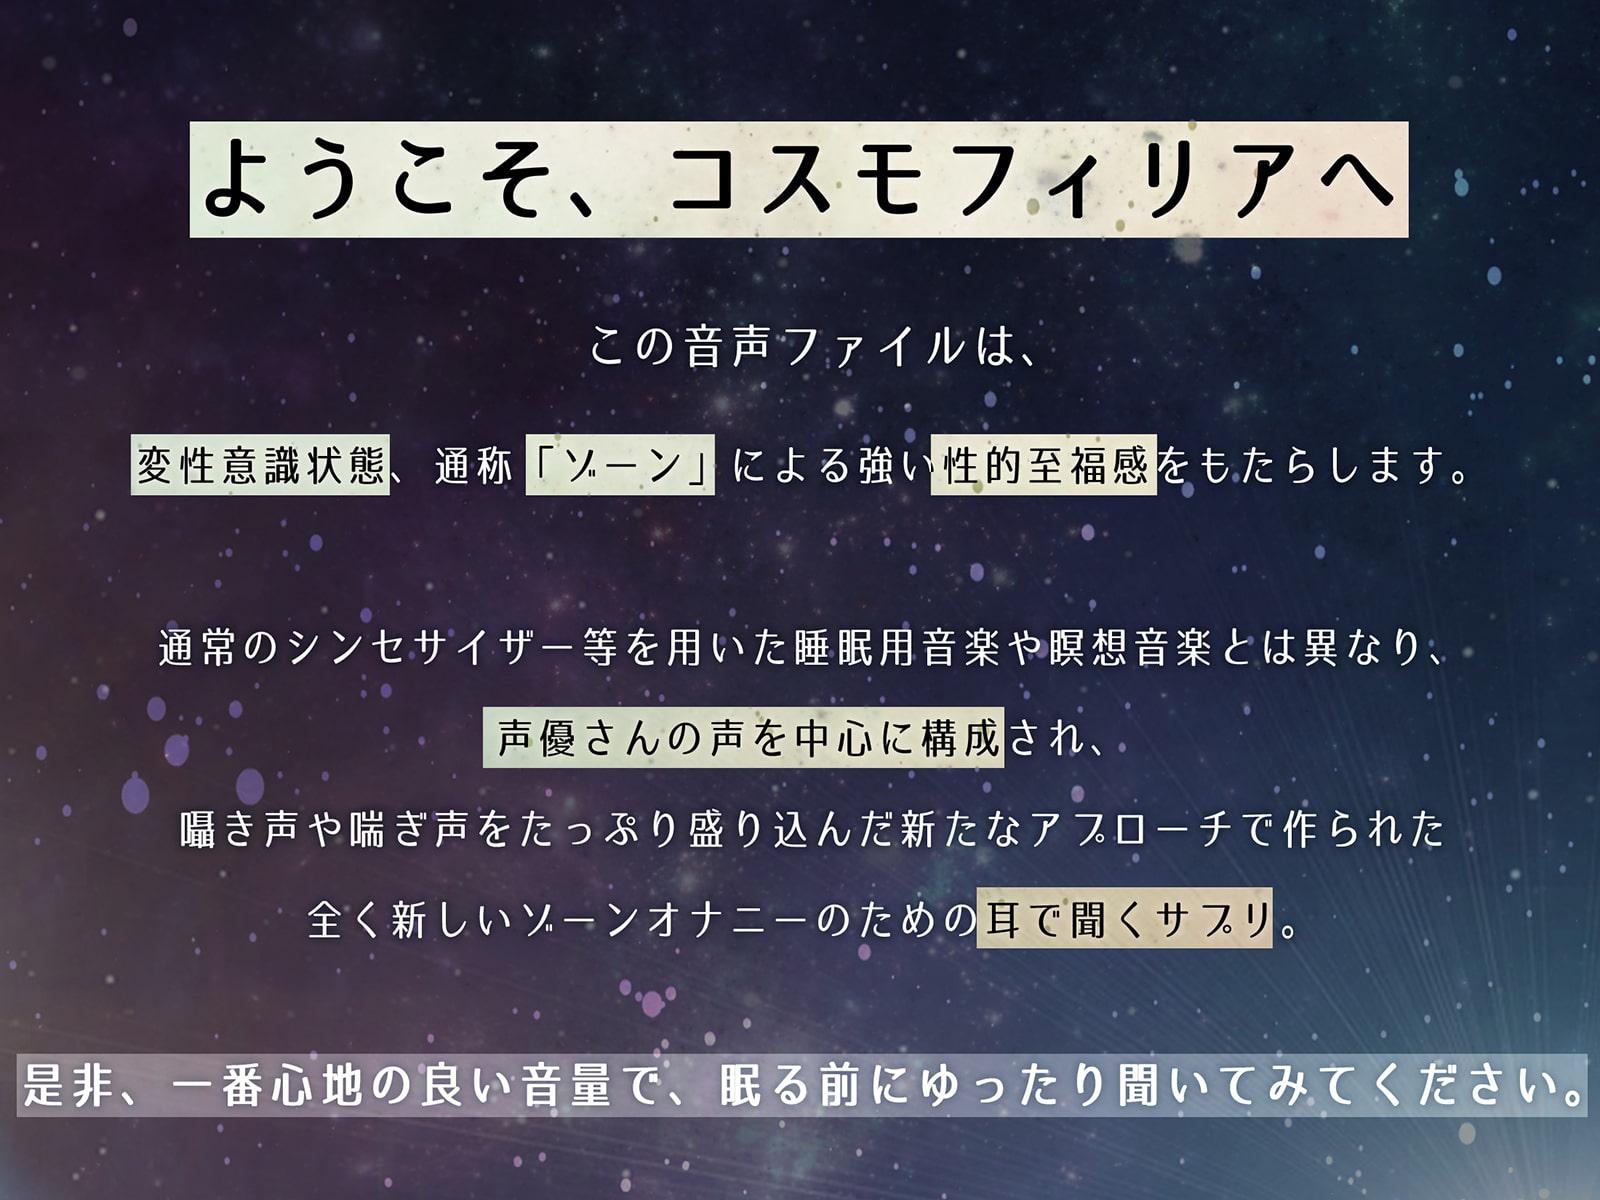 脳姦コスモフィリア【変性意識オナニー】 [シロイルカ]